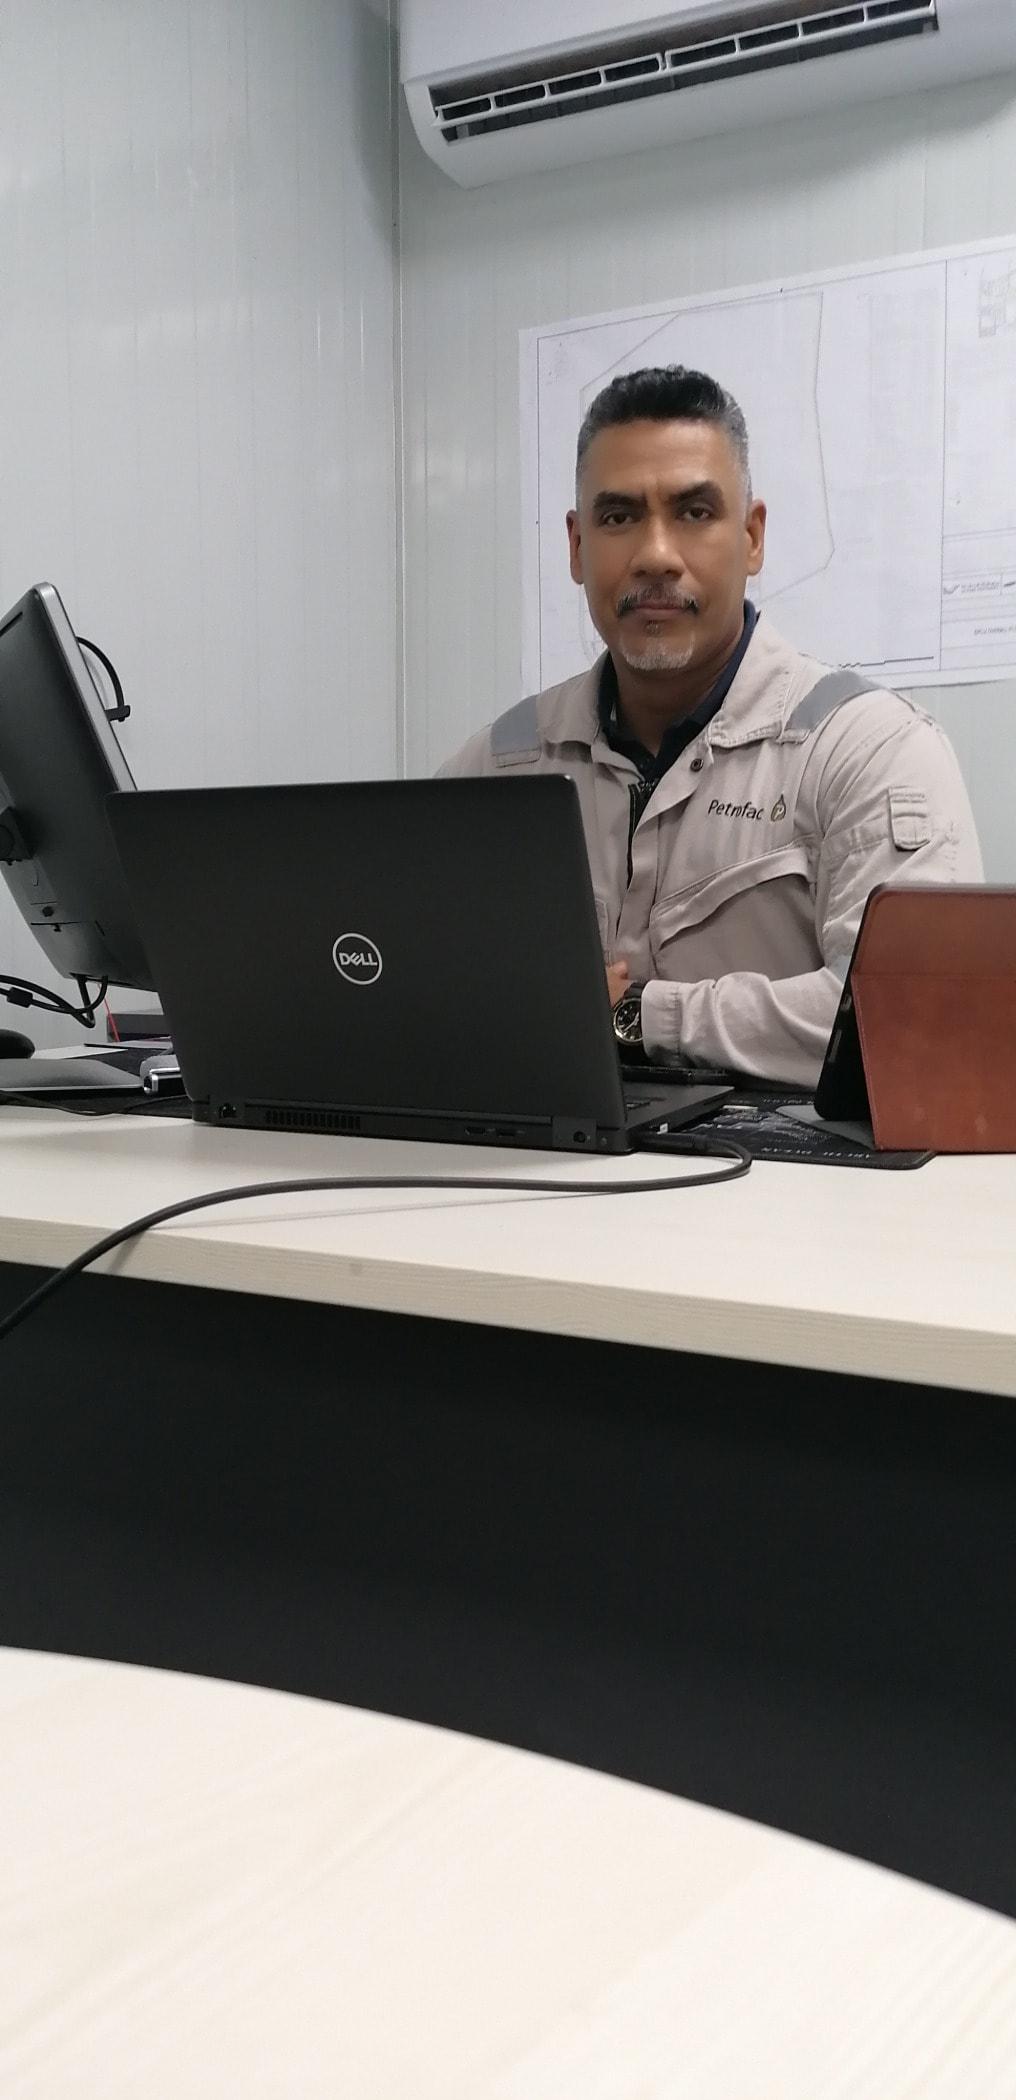 Desk, Arm